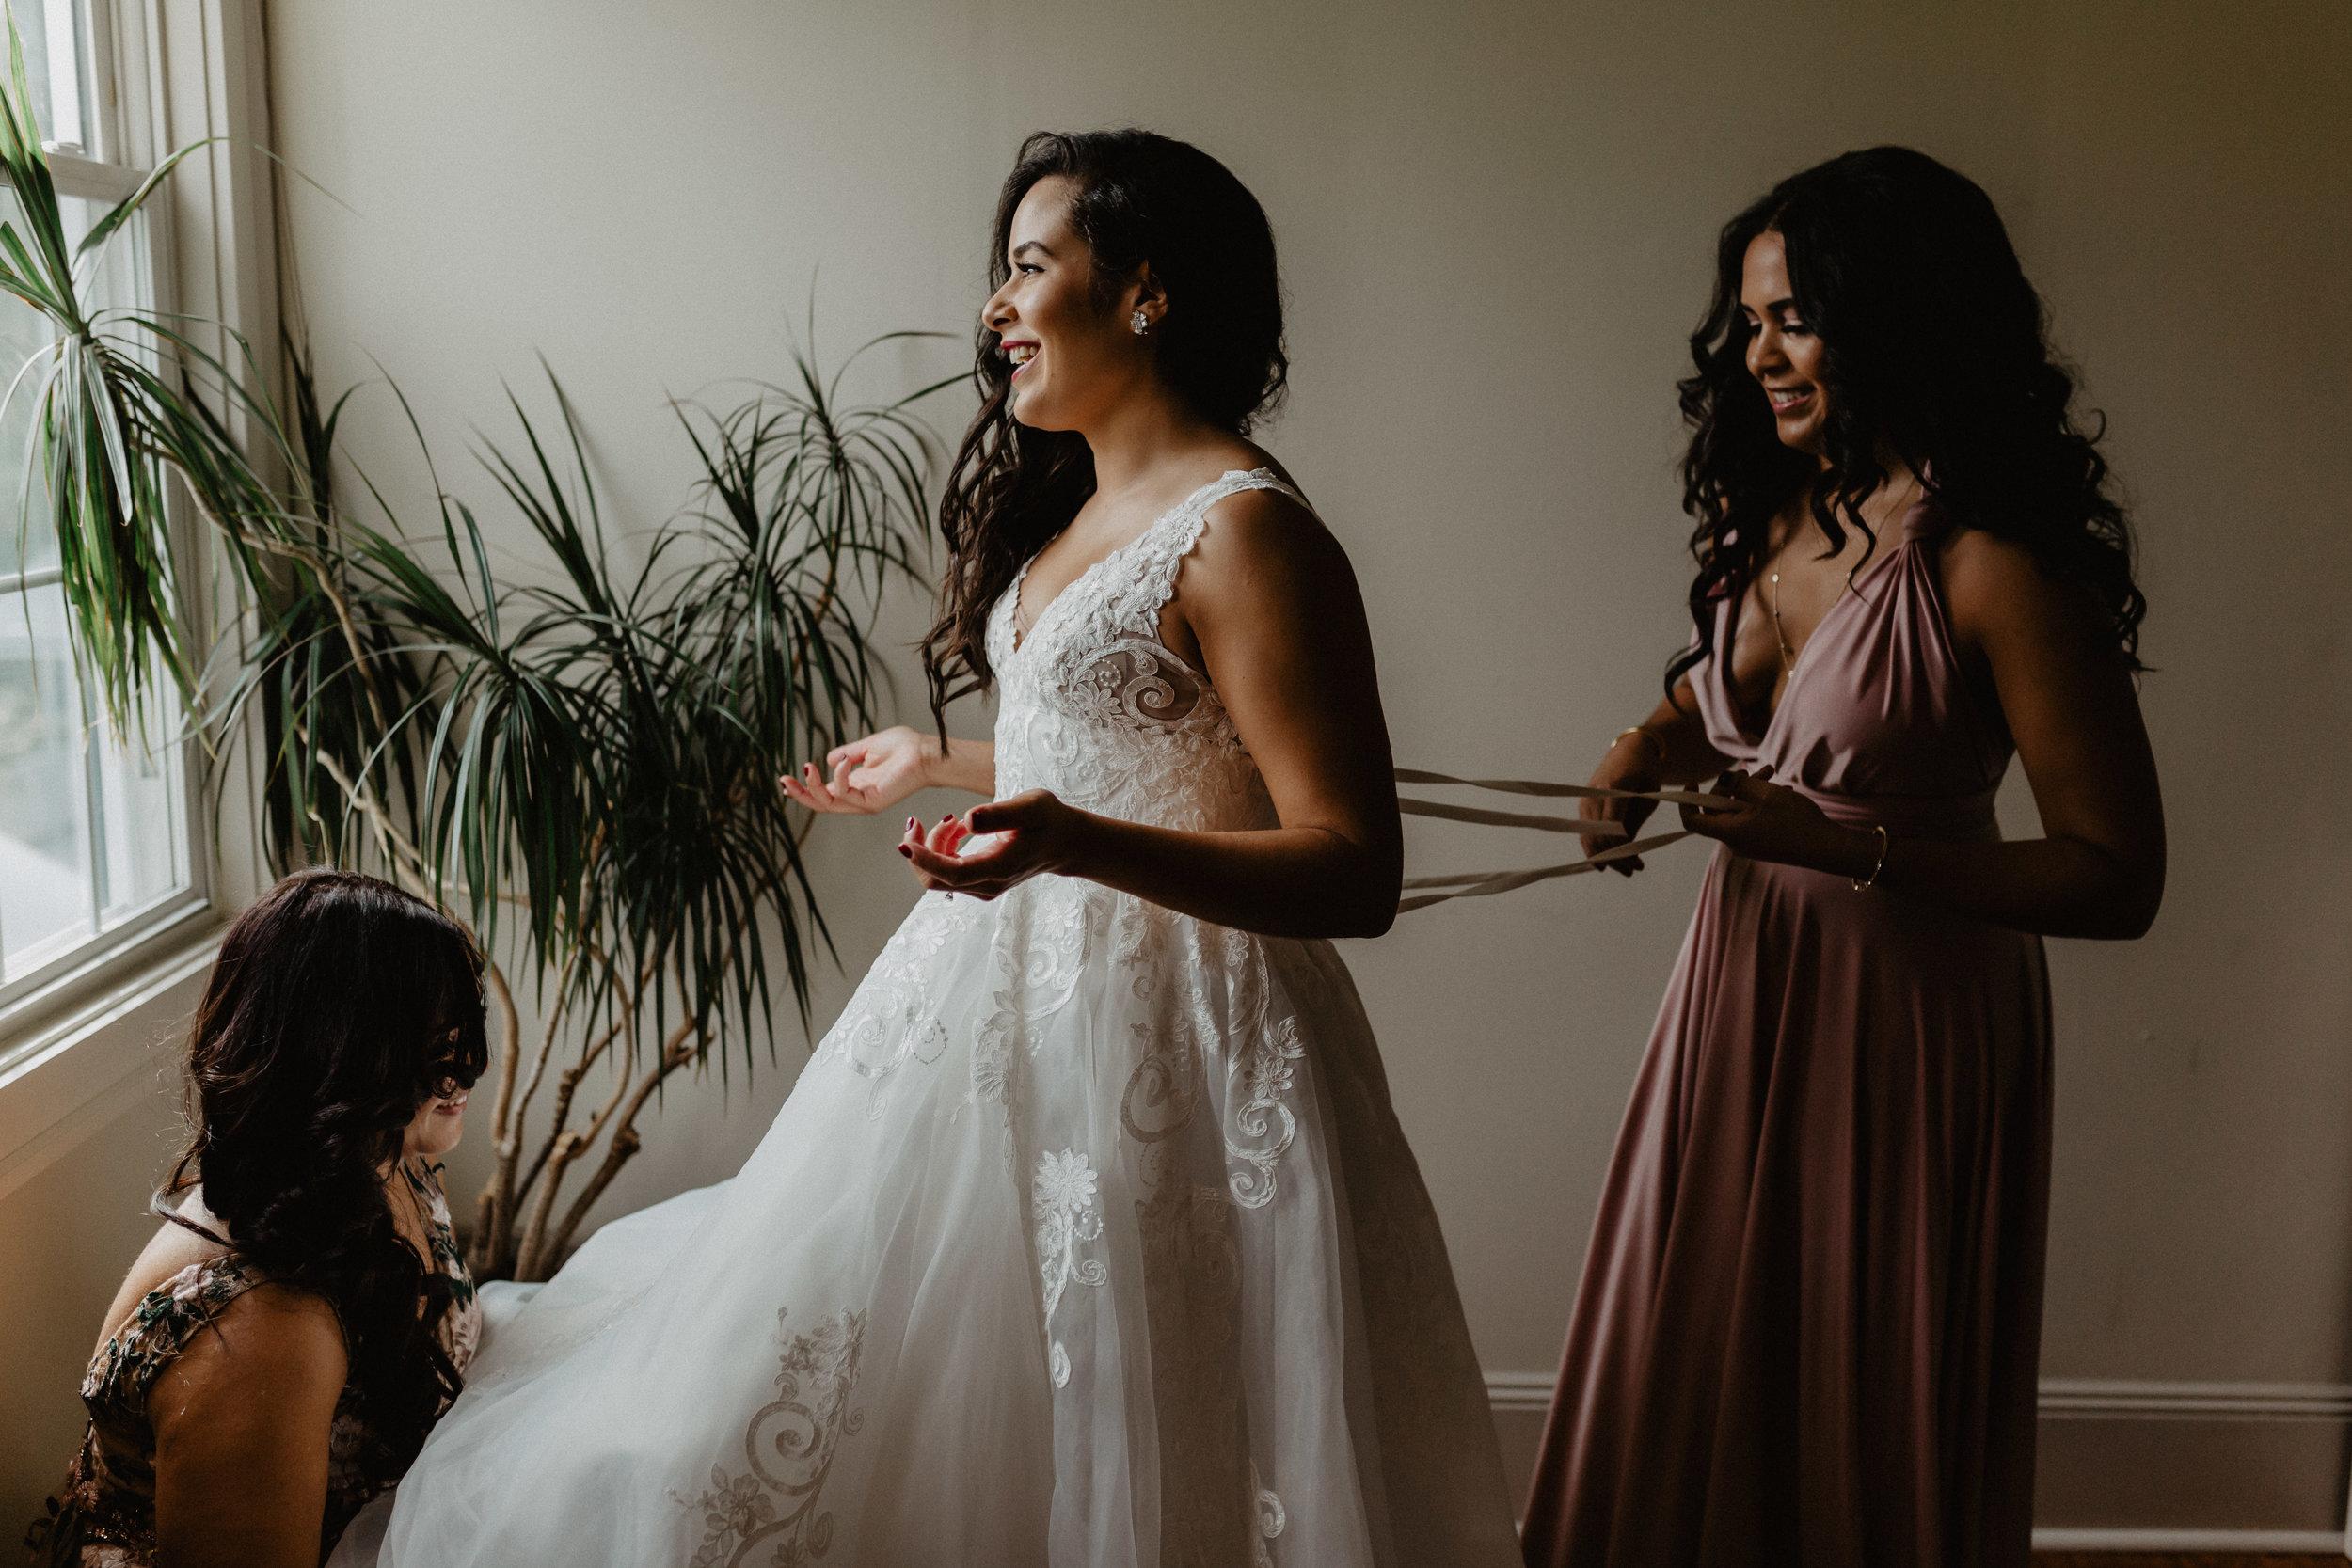 garrison_wedding_photos_020.jpg